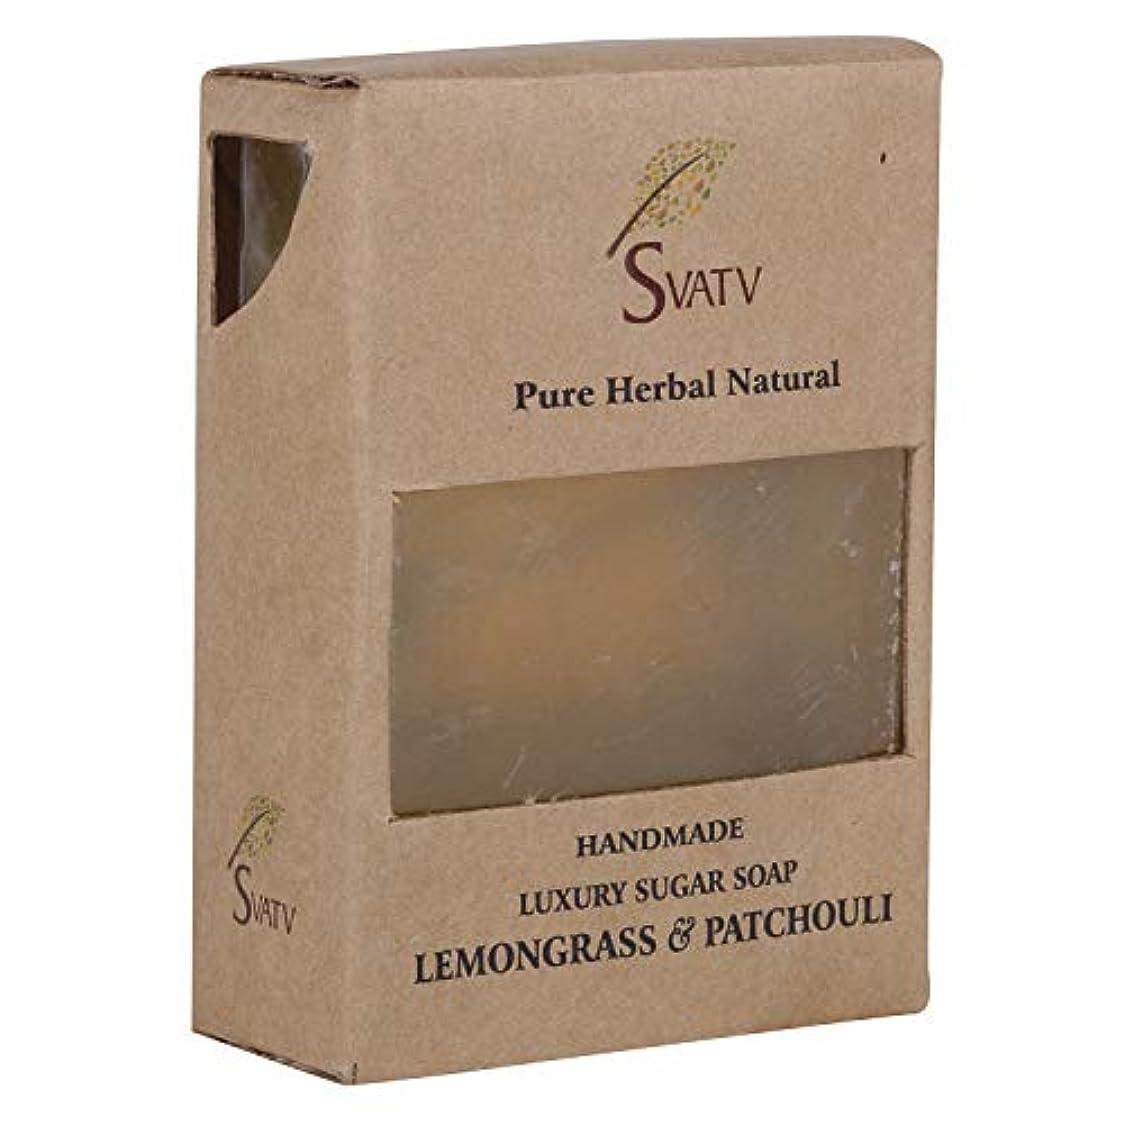 ベーコンバインド時間厳守SVATV Handmade Luxury Sugar Soap Lemongrass & Patchouli For All Skin types 100g Bar